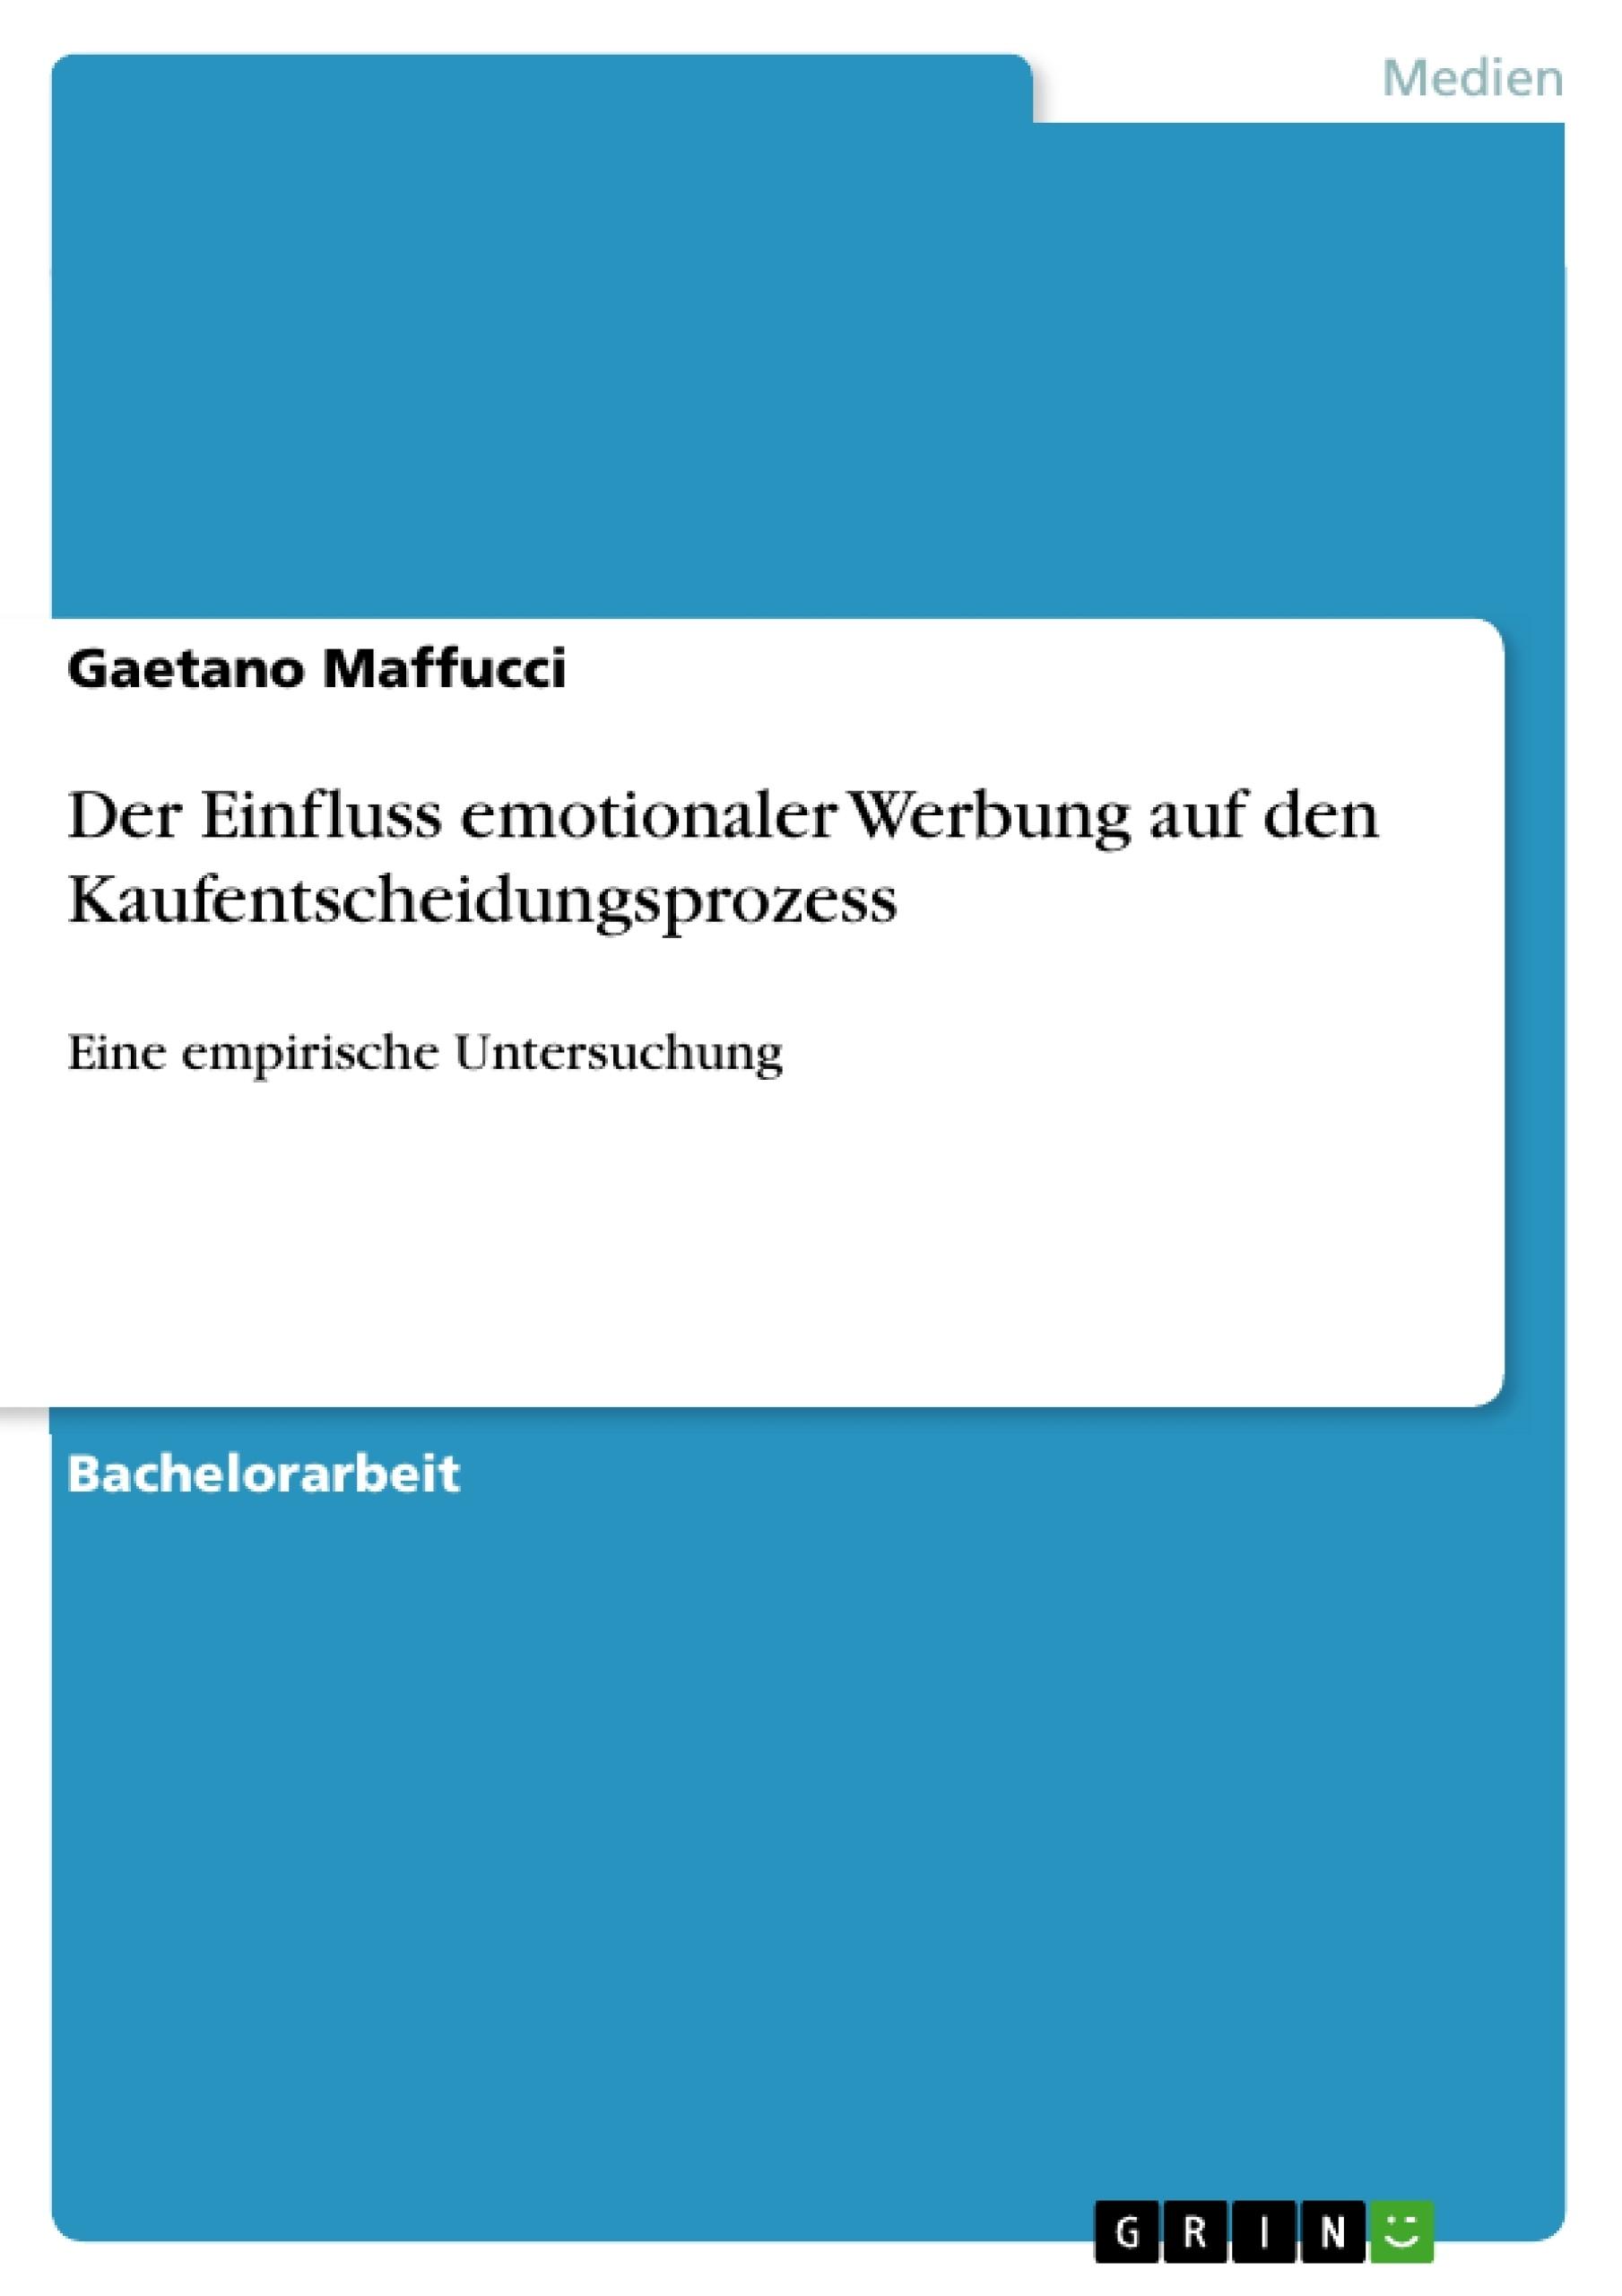 Titel: Der Einfluss emotionaler Werbung auf den Kaufentscheidungsprozess